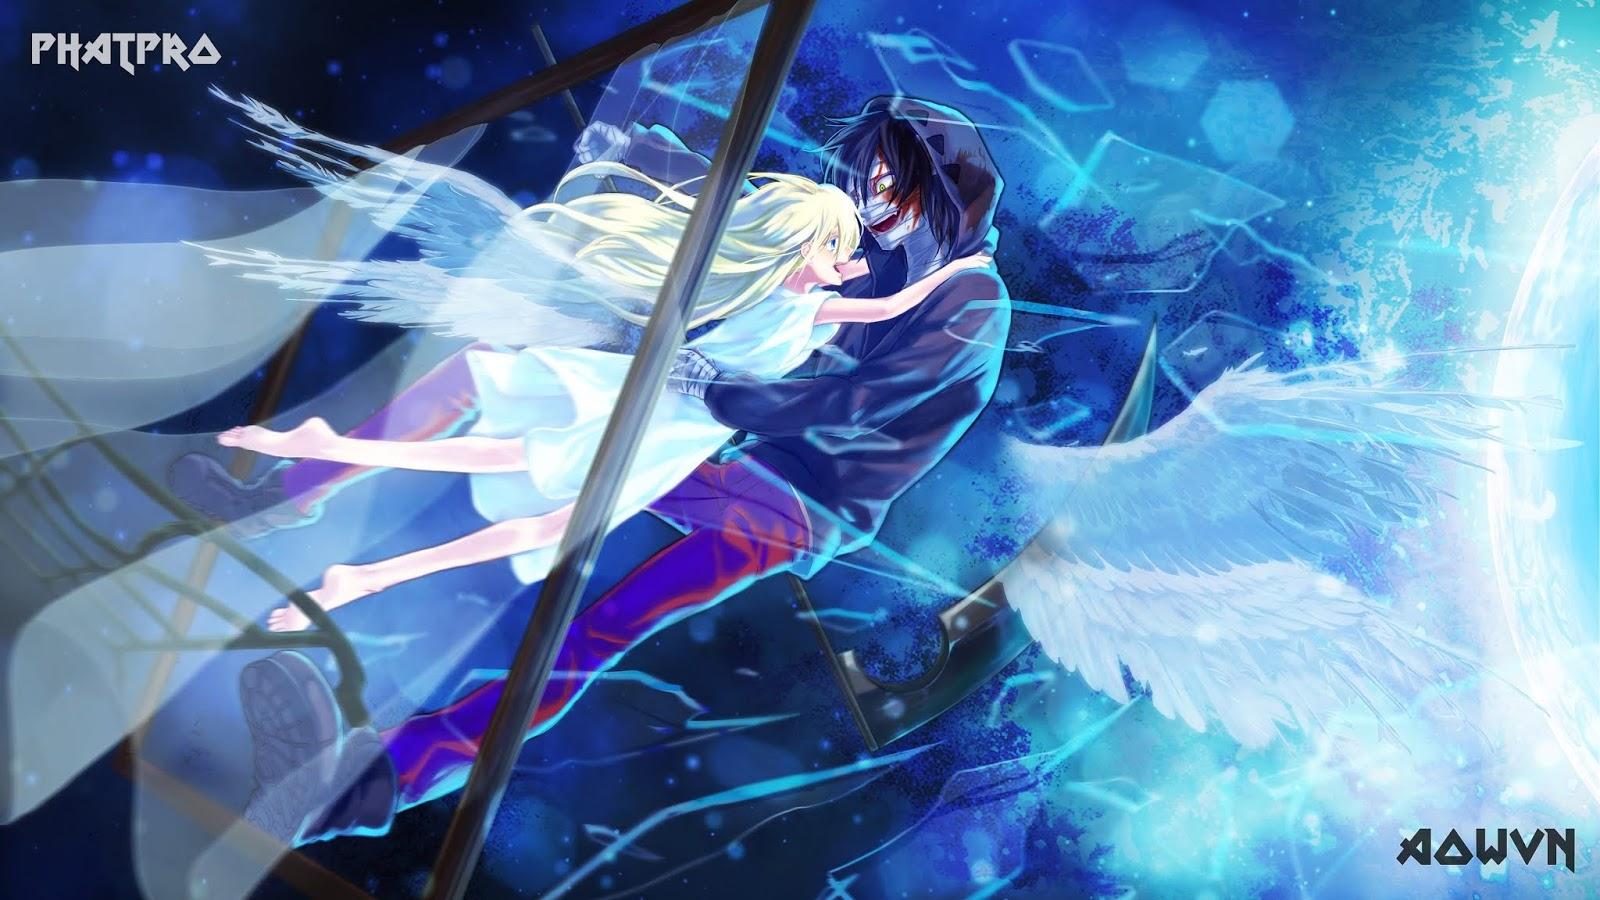 Satsuriku%2B %2BPhatpro%2B%2B%25282%2529 min - [ Anime 3gp Mp4 ] Satsuriku No Tenshi | Vietsub - Tuyệt Phẩm